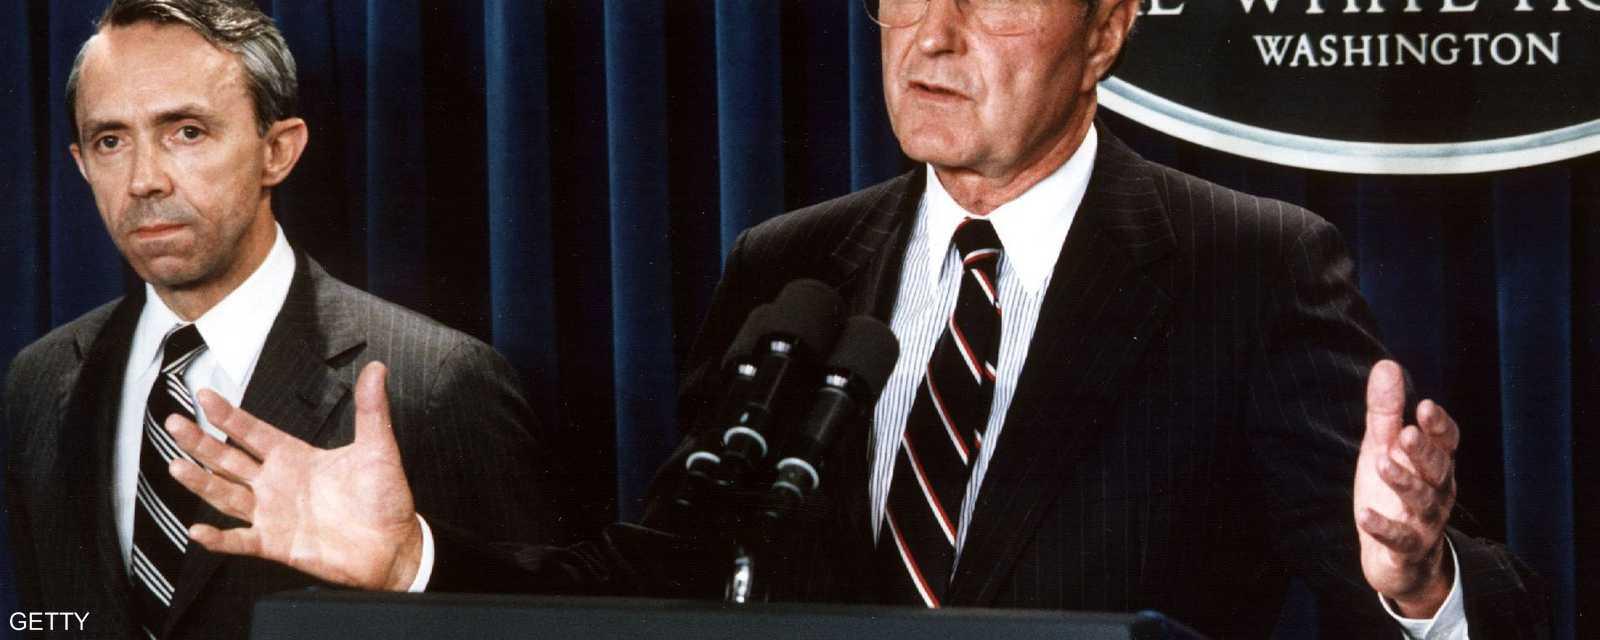 شغل بوش الأب الرئاسة لفترة واحدة فقط بين عامي 1989 و1993